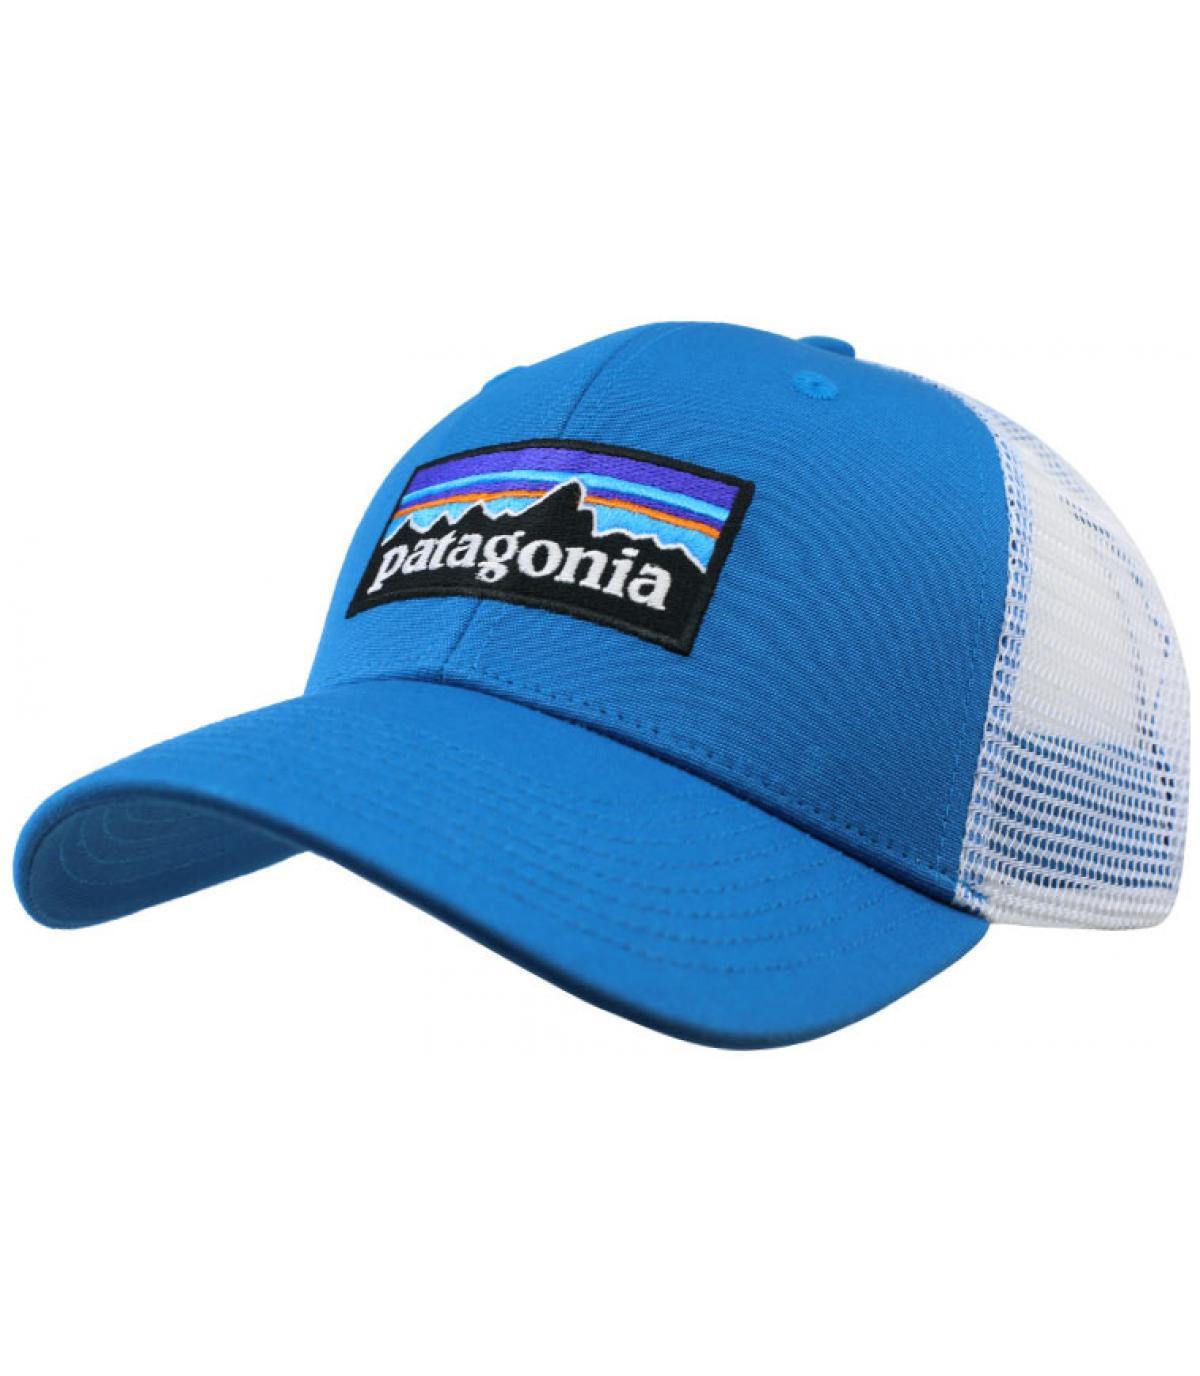 blauwe trucker Patagonië